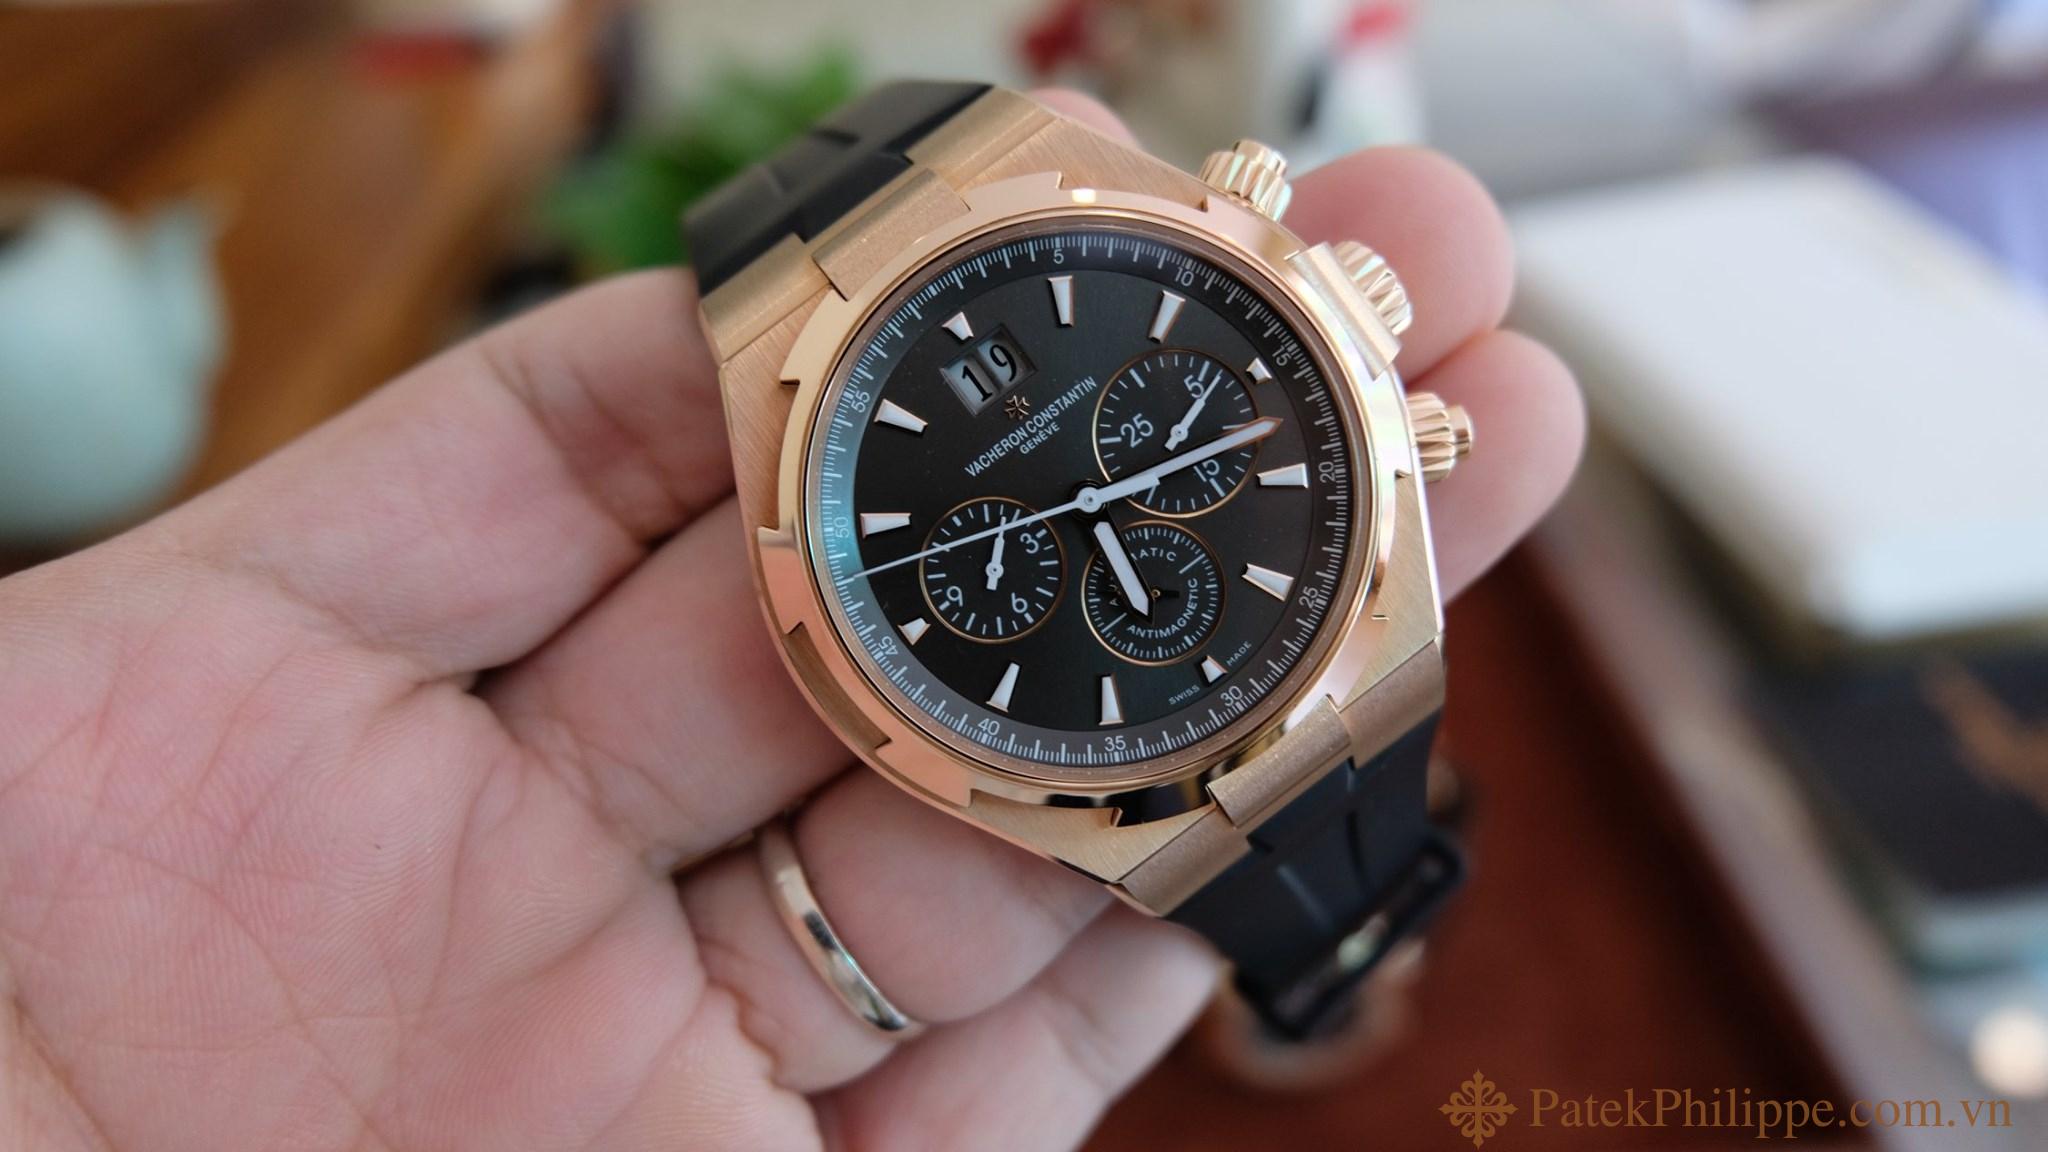 vacheron-constantin-overseas-rose-gold-chronograph 1 ádwaSD.jpg